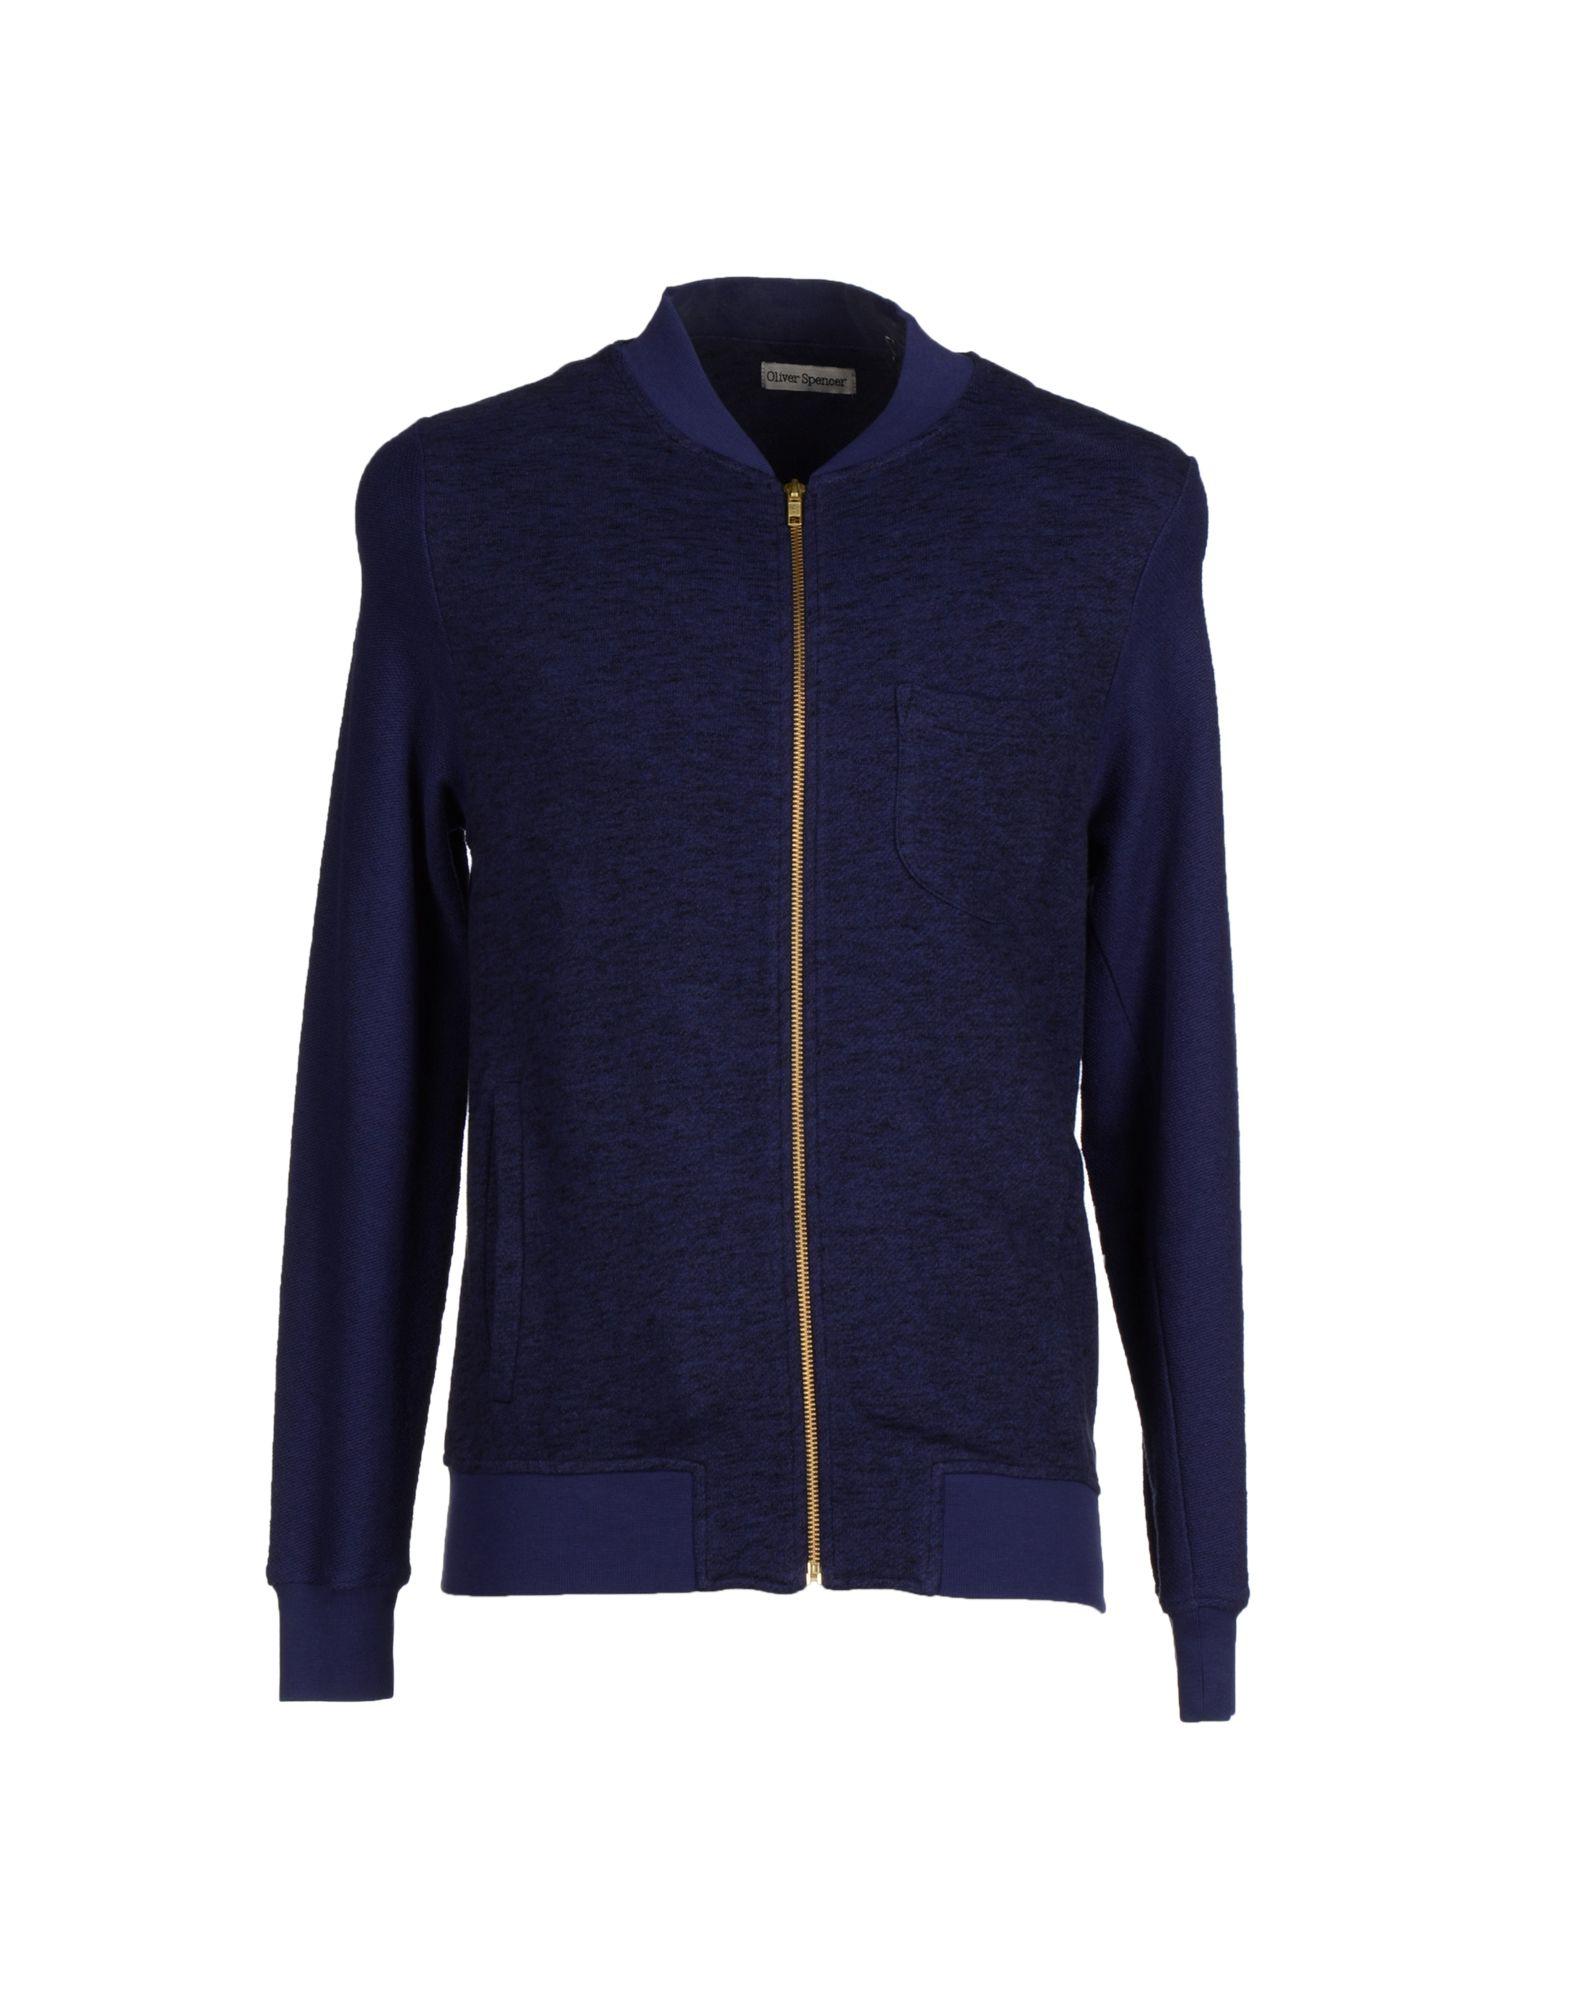 oliver spencer sweatshirt in blue for men lyst. Black Bedroom Furniture Sets. Home Design Ideas